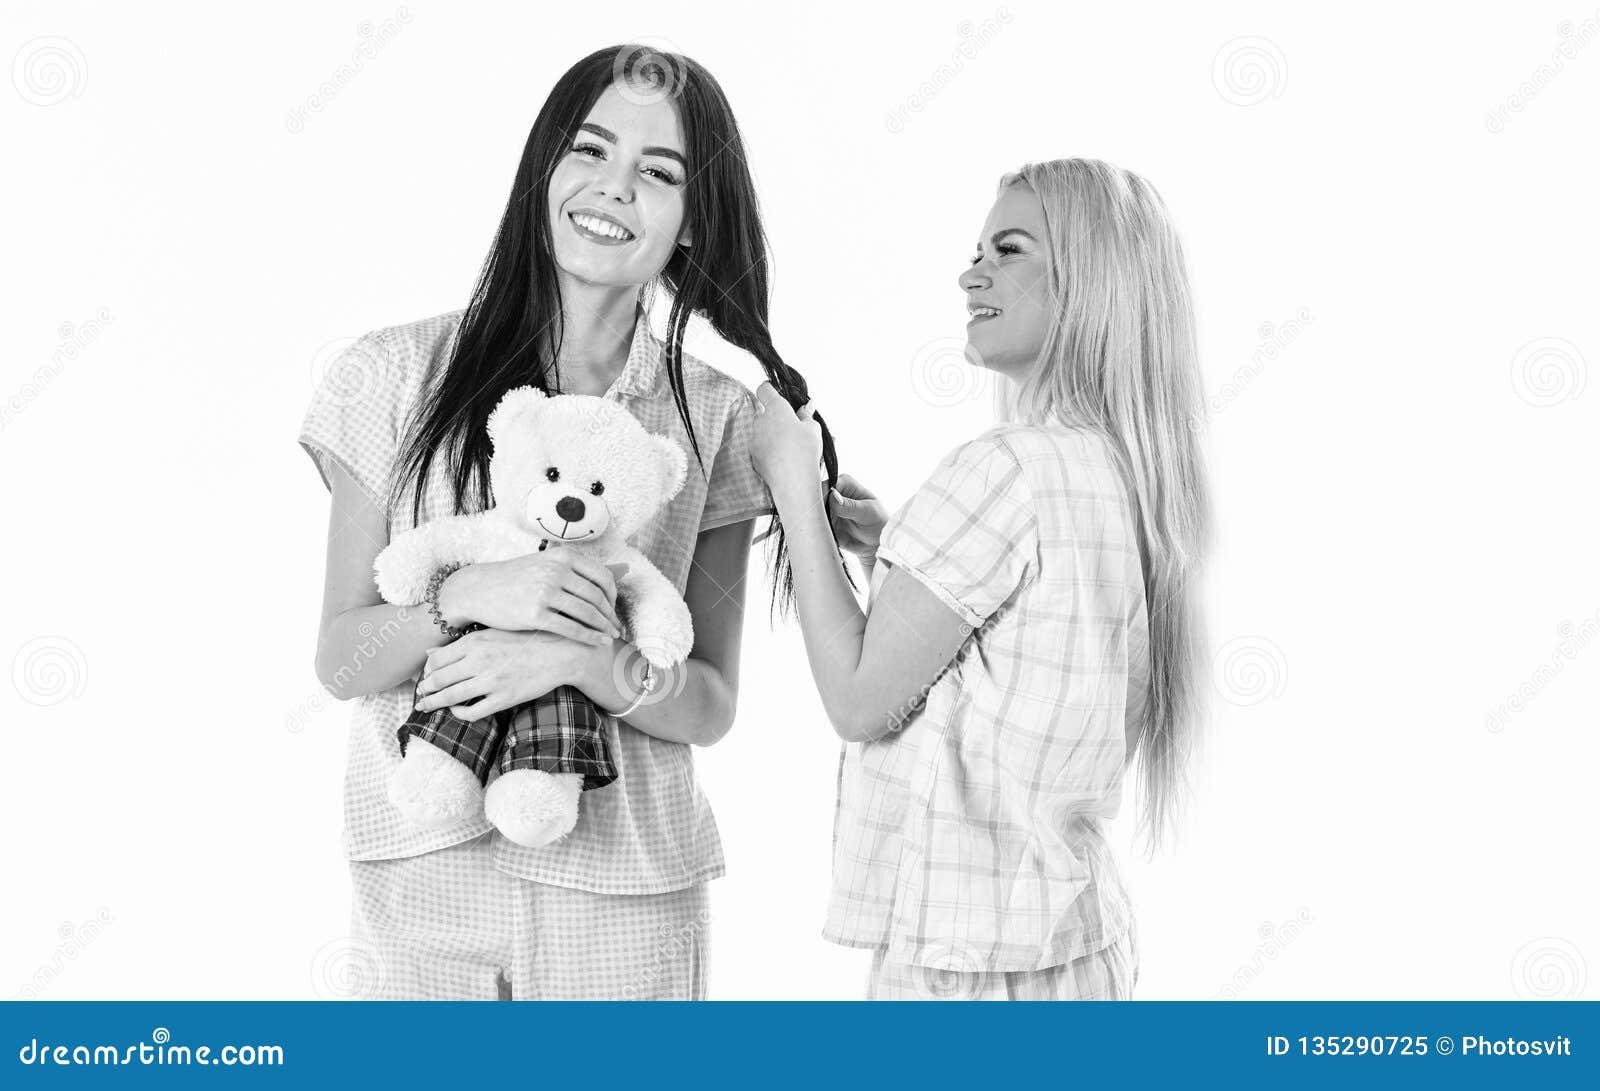 Zusters, beste vrienden die in pyjama s vlecht, kapsel maken elkaar Meisjes in roze pyjama s, geïsoleerde witte achtergrond